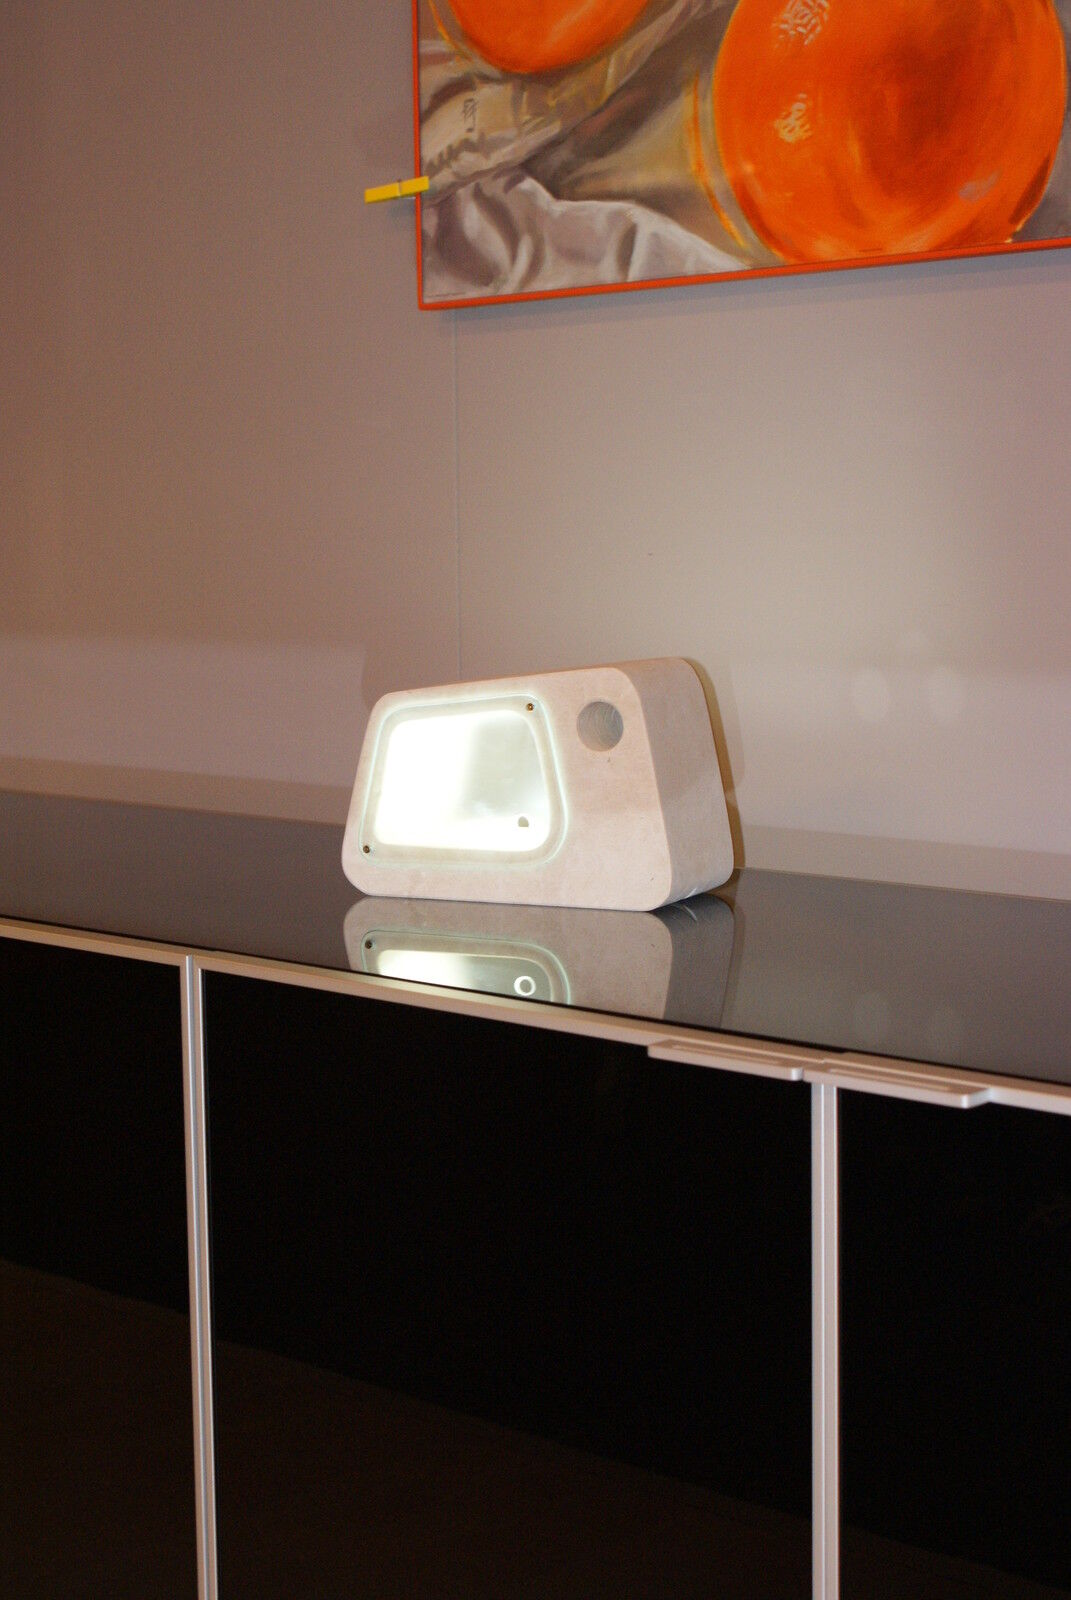 Lampada da tavolo artigianale in pietra leccese tufo - Lampada da tavolo artigianale ...